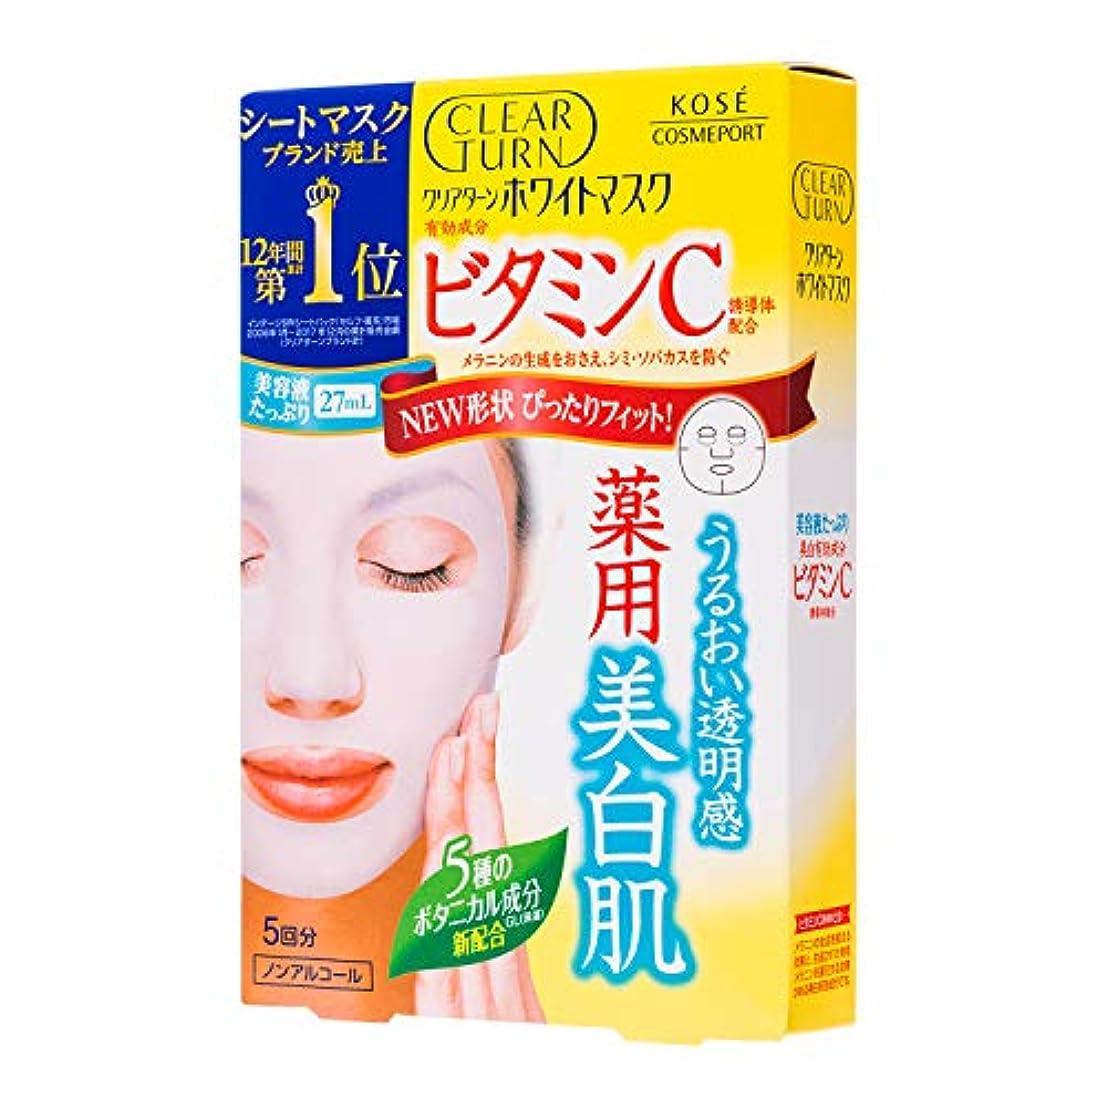 球状収益平野KOSE コーセー クリアターン ホワイト マスク VC (ビタミンC) 5枚 フェイスマスク